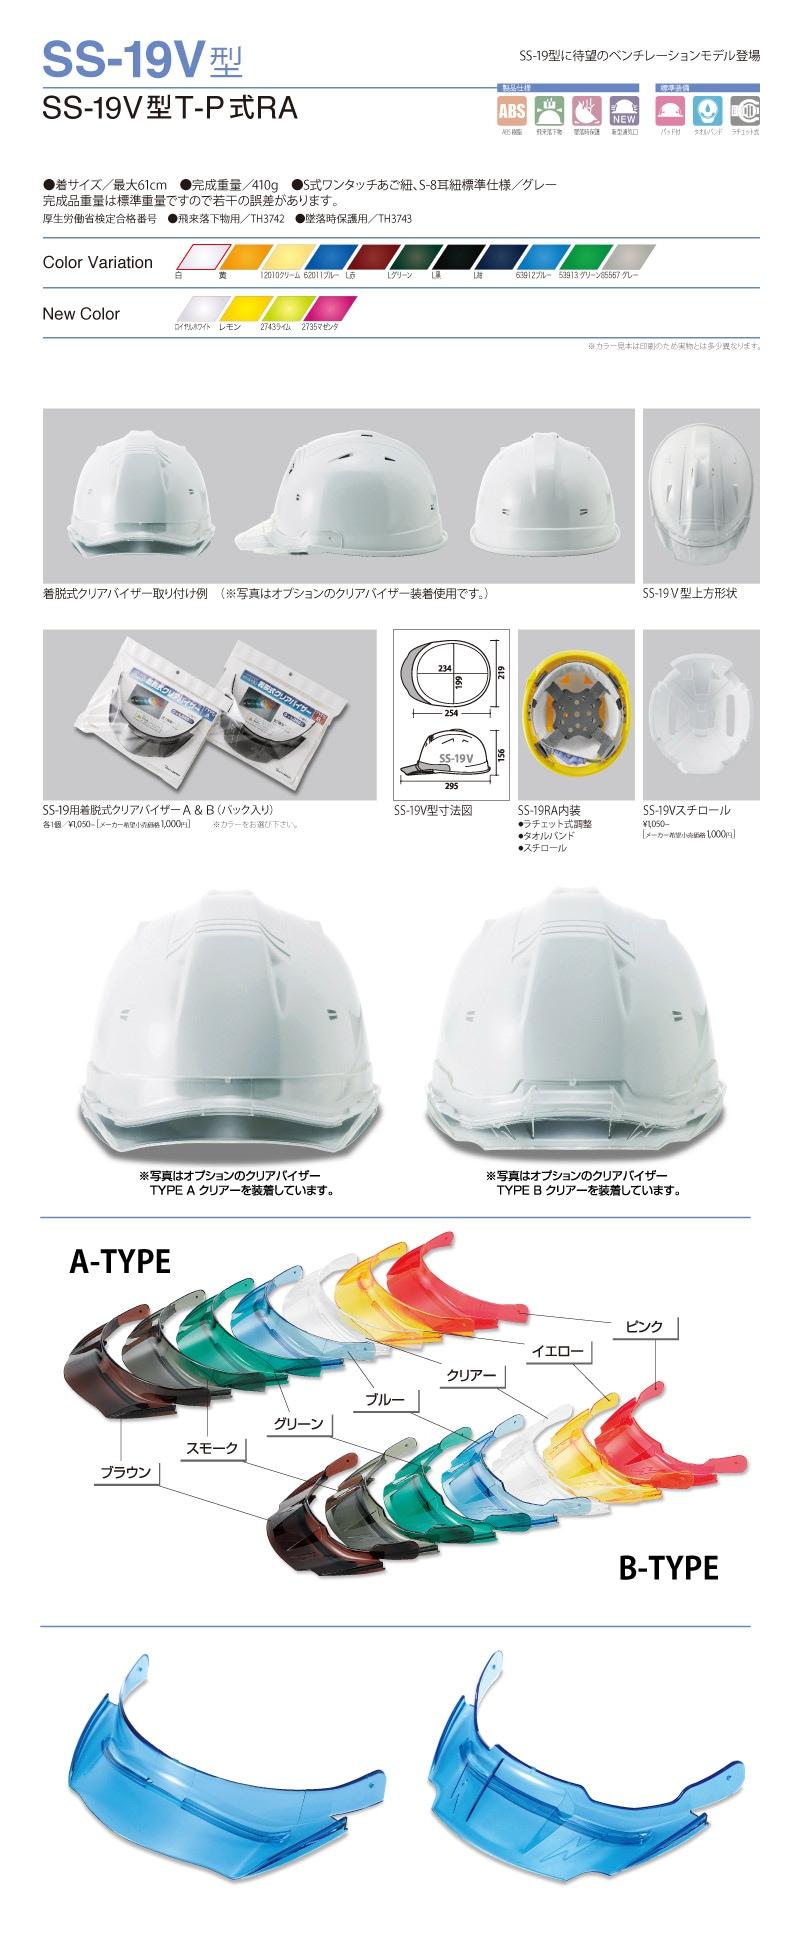 ヘルメット シンワ SS-19V型 詳細説明